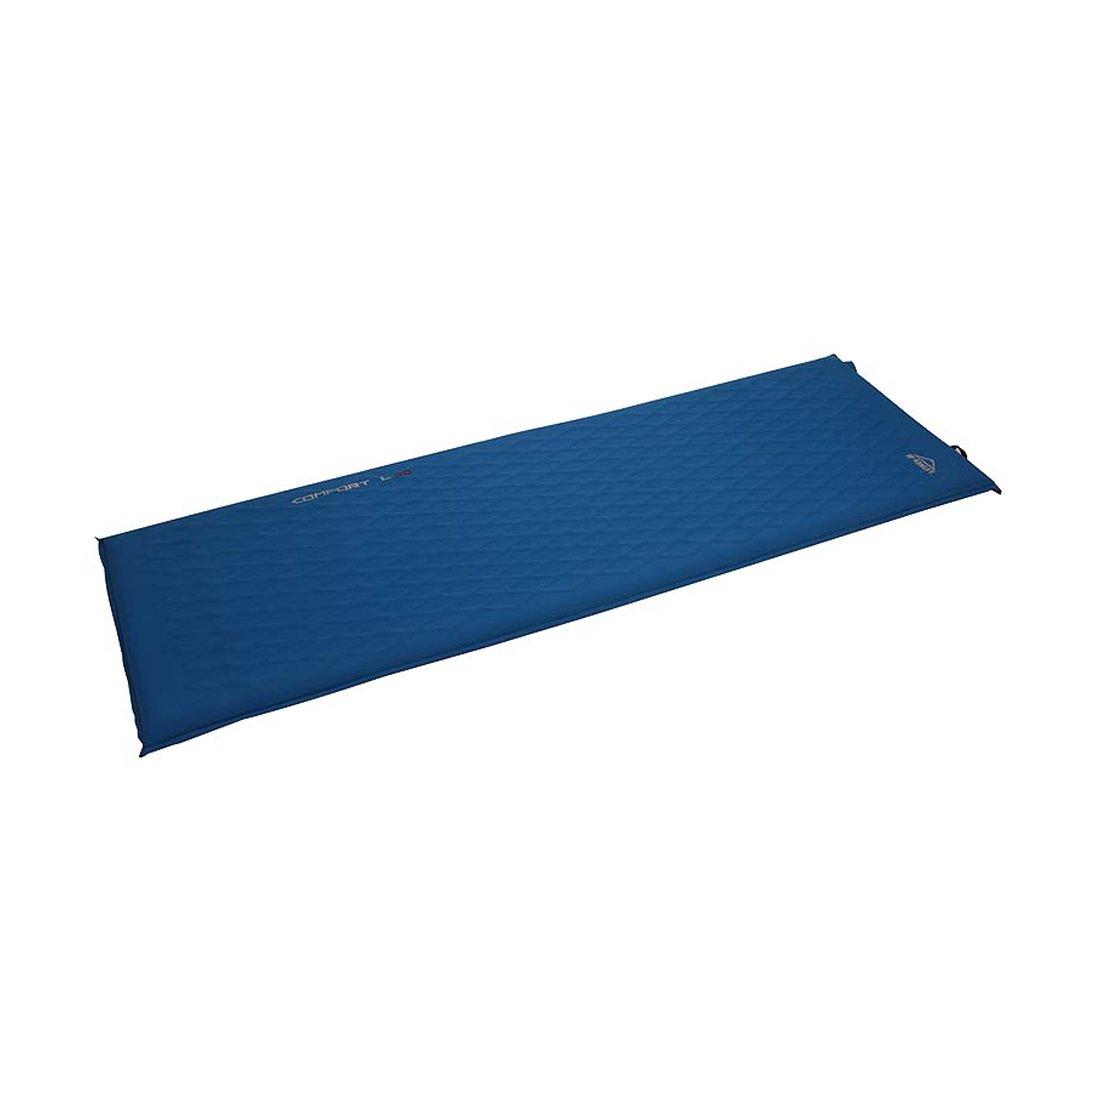 McKinleyメンズオリジナルサーモマット快適l50 blue-grey B003BFELXS